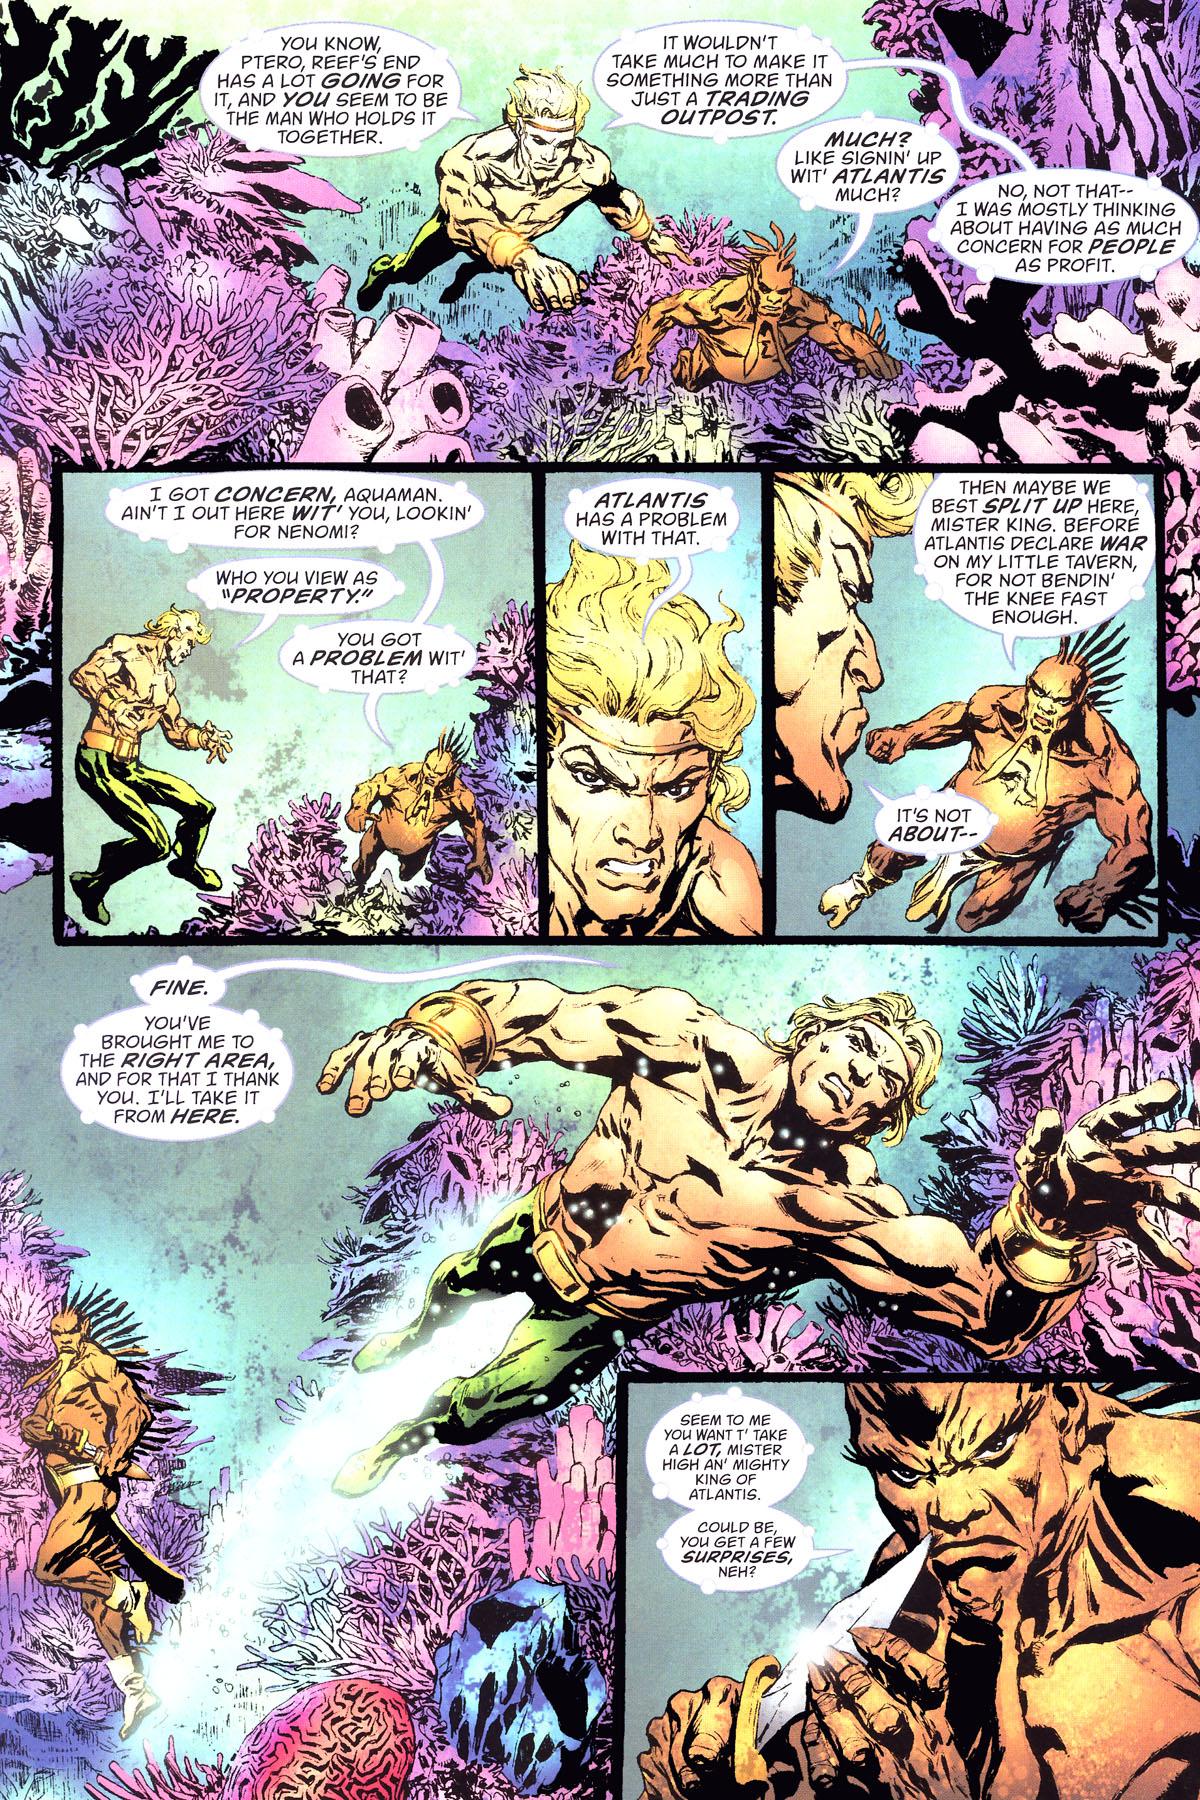 Read online Aquaman: Sword of Atlantis comic -  Issue #47 - 9